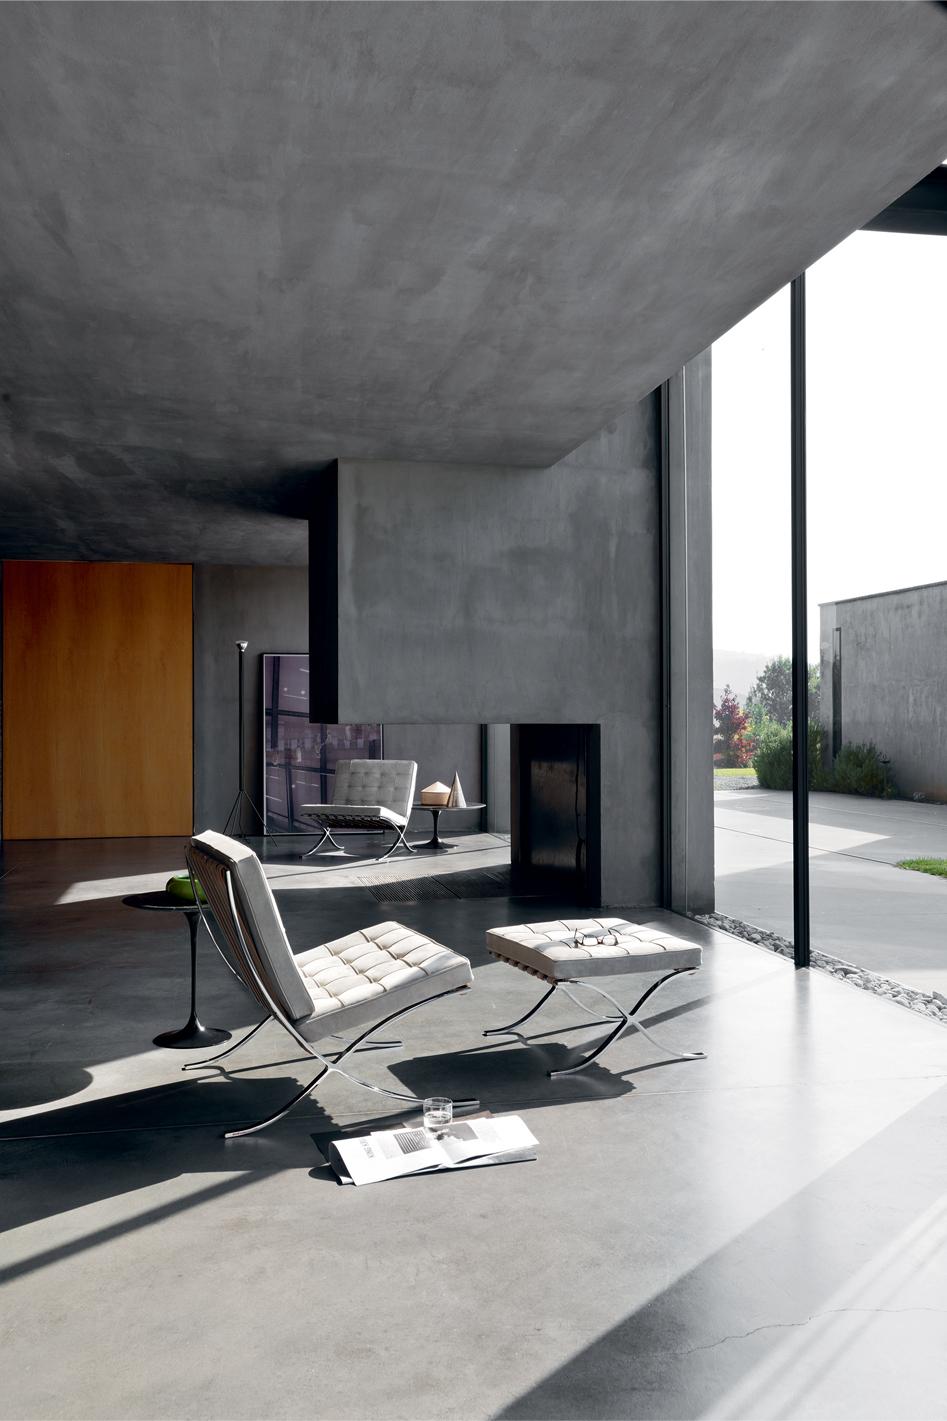 Fot: knoll-int.com